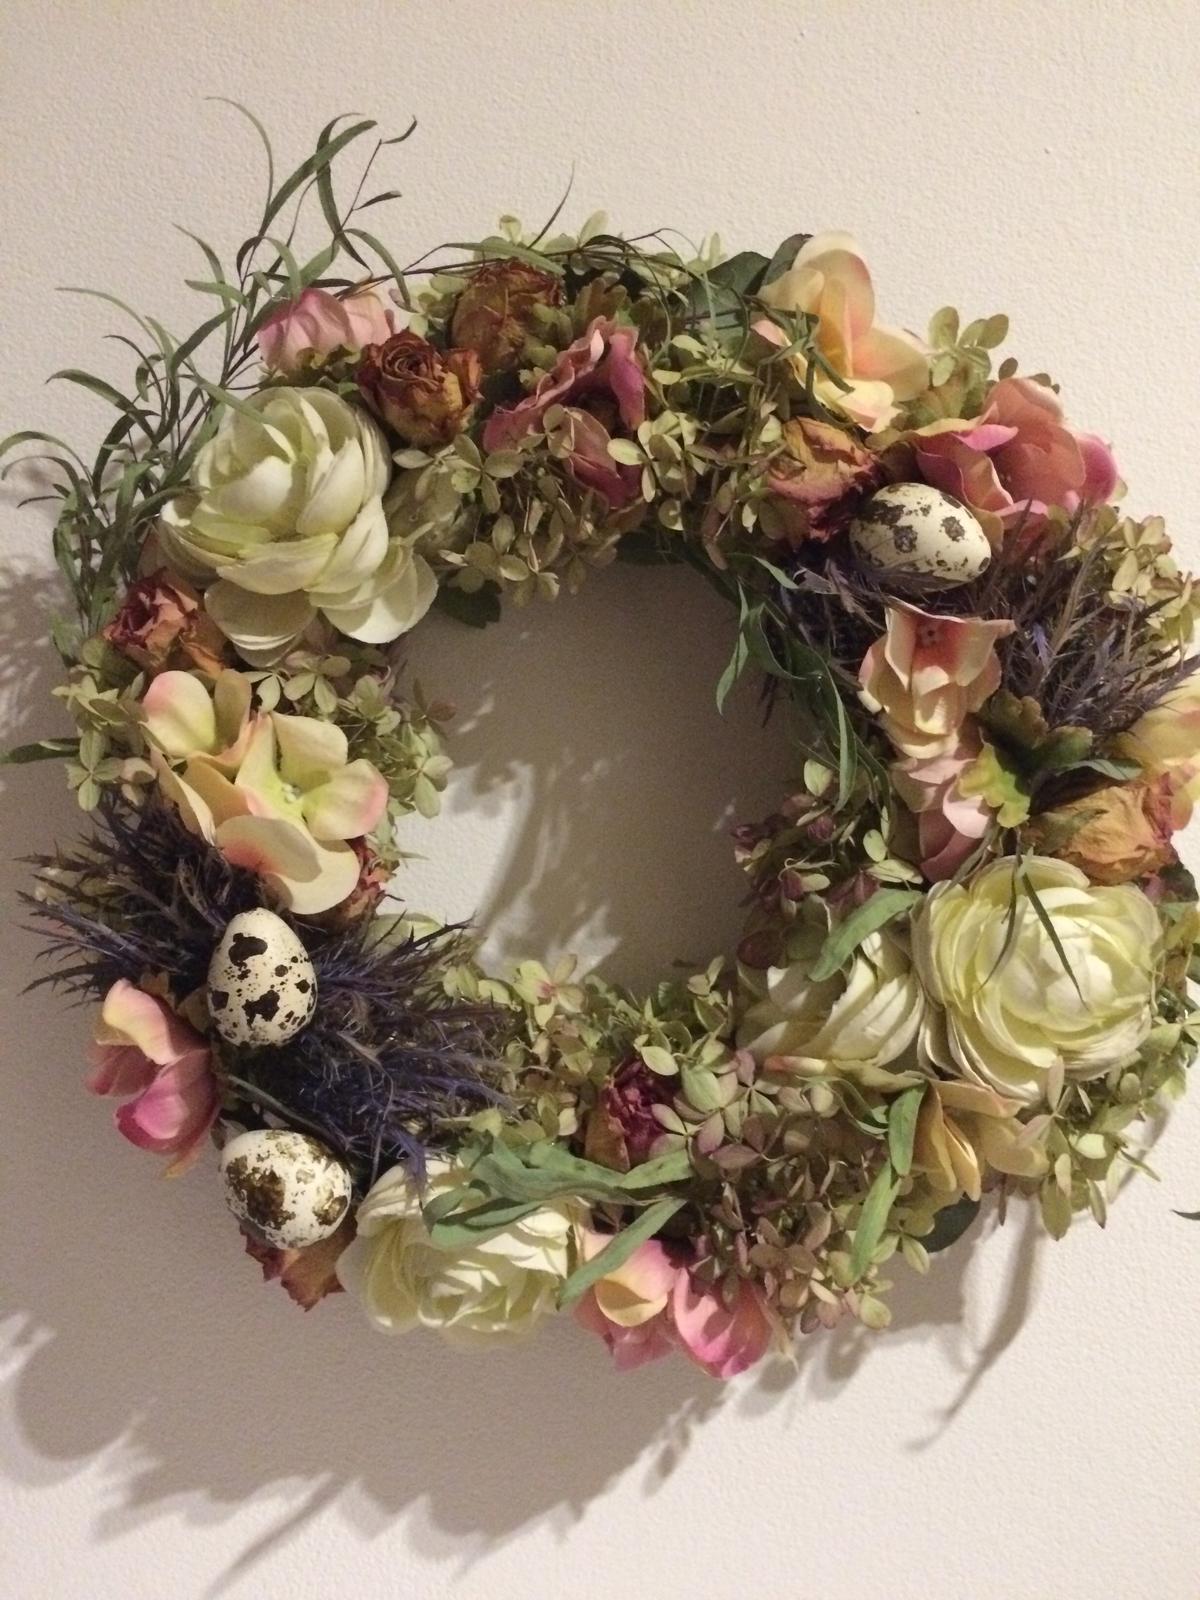 Dekorace z květin Pro radost - ...zkouším jestli tmavé nebo světlé pozadí je lepší